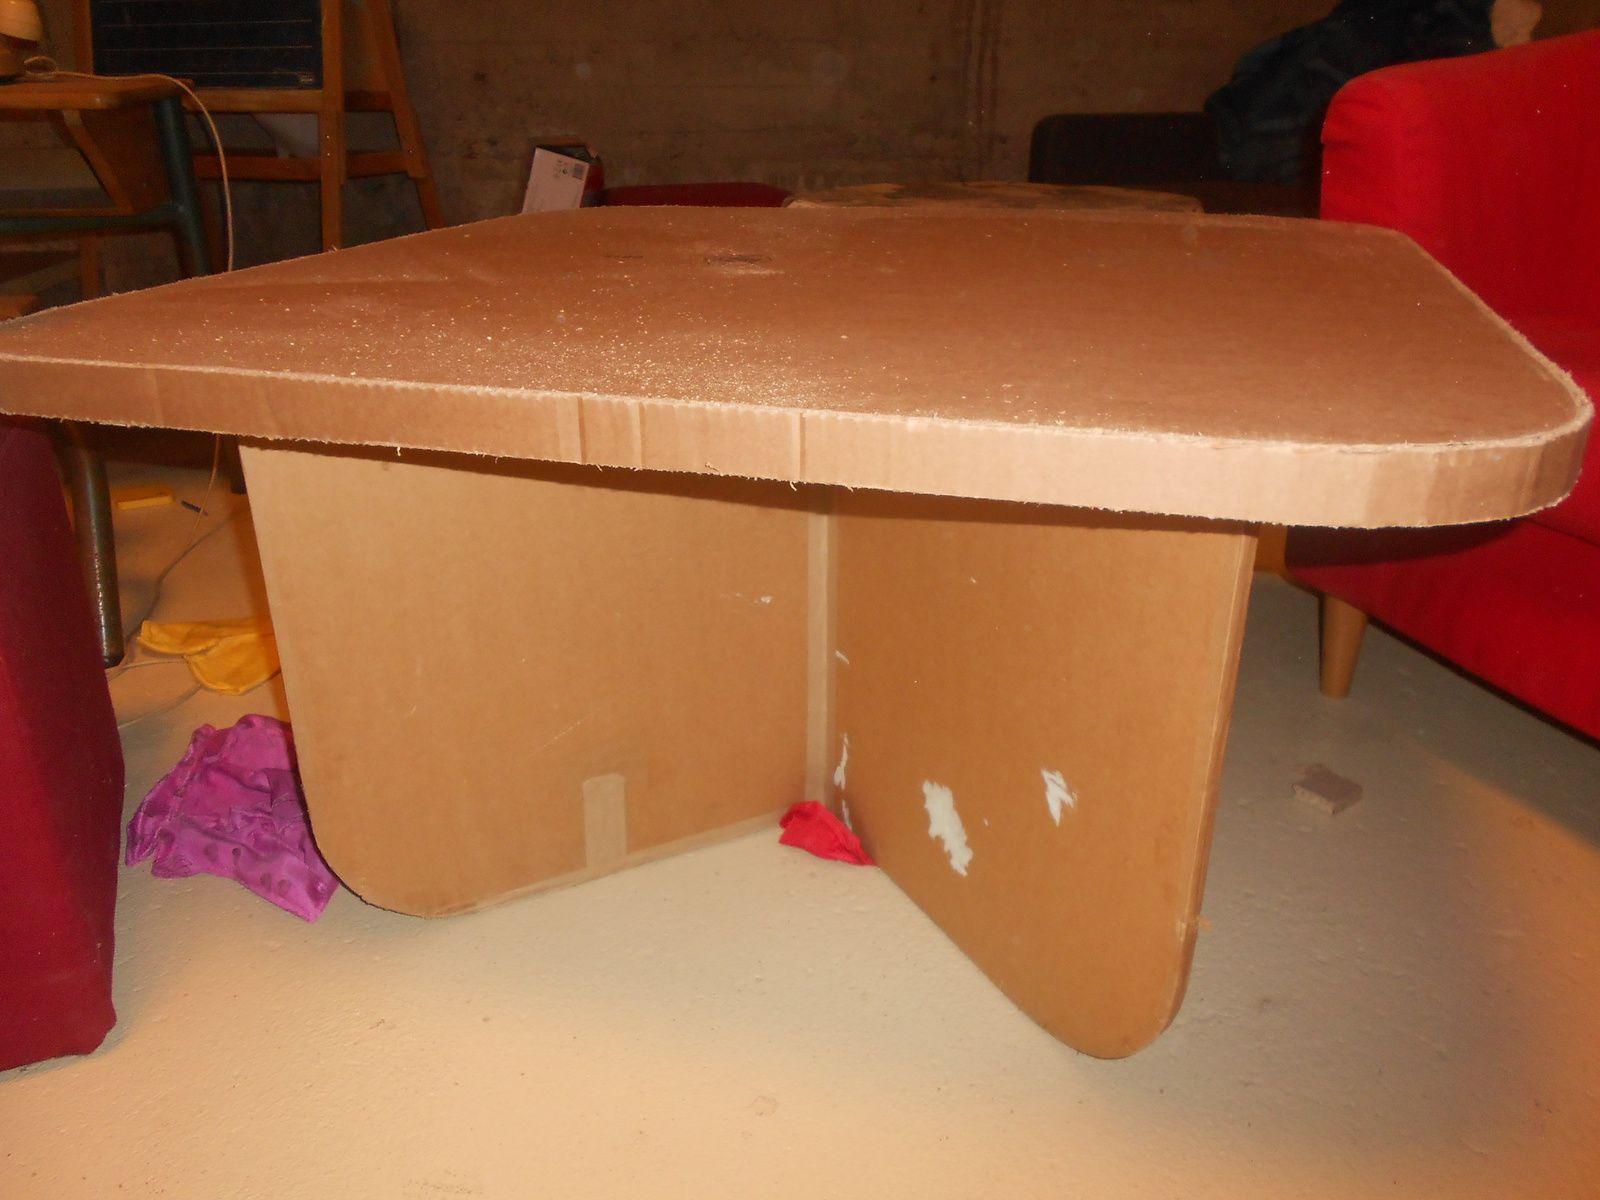 les cr ations en carton de st phanie blog destin e la d coration int rieure avec du mobilier. Black Bedroom Furniture Sets. Home Design Ideas